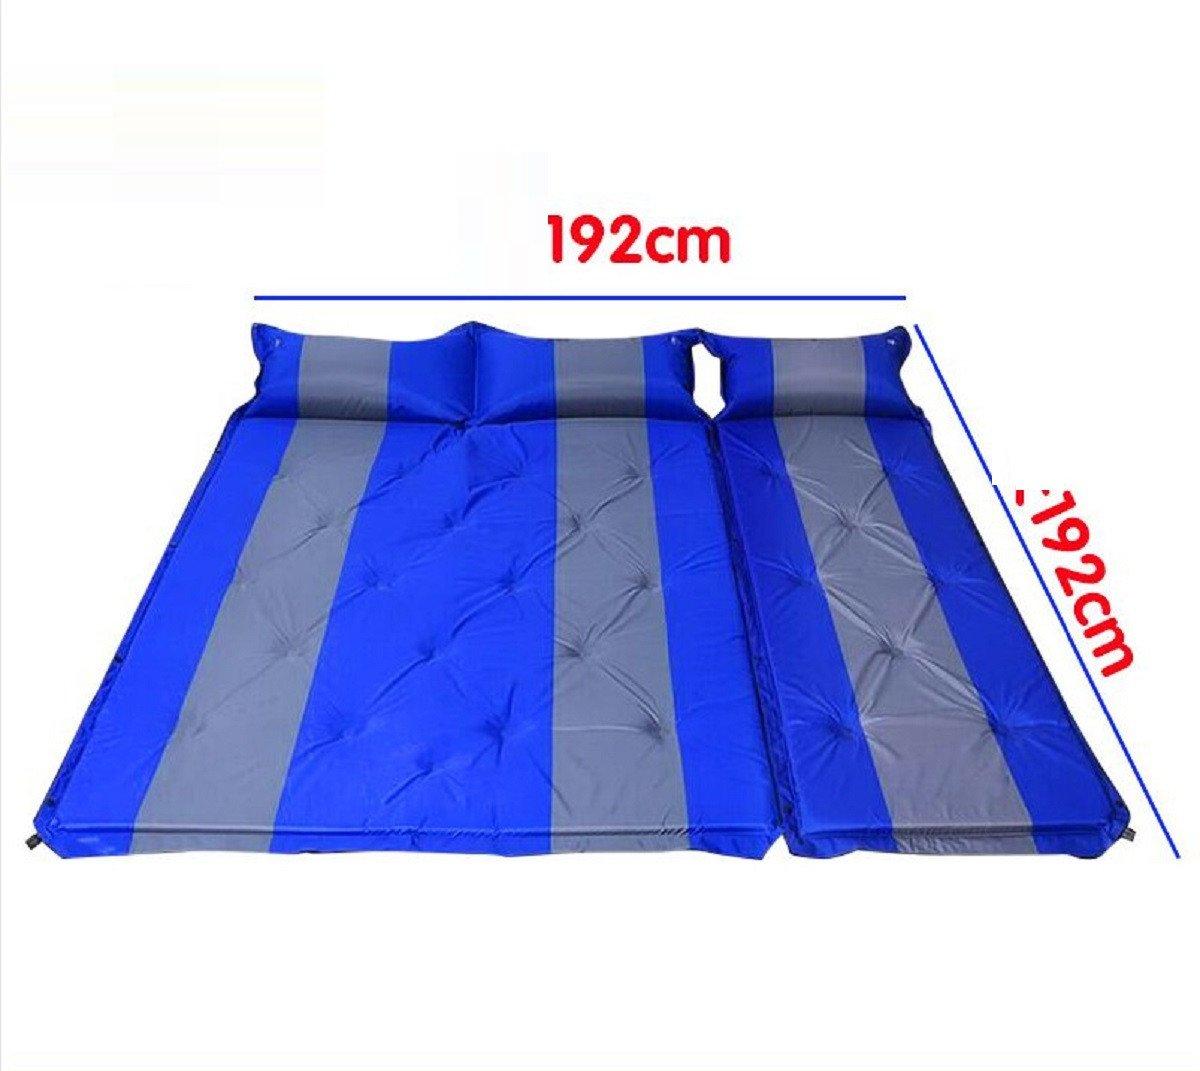 YOPEEN Automatische aufblasbare Kissen, Outdoor-Zelt-Isomatte, Matratze, Tragbare Gepolsterte Feuchtigkeitsmatte, Wilde Doppelte Bodenmatte Isomatte, B